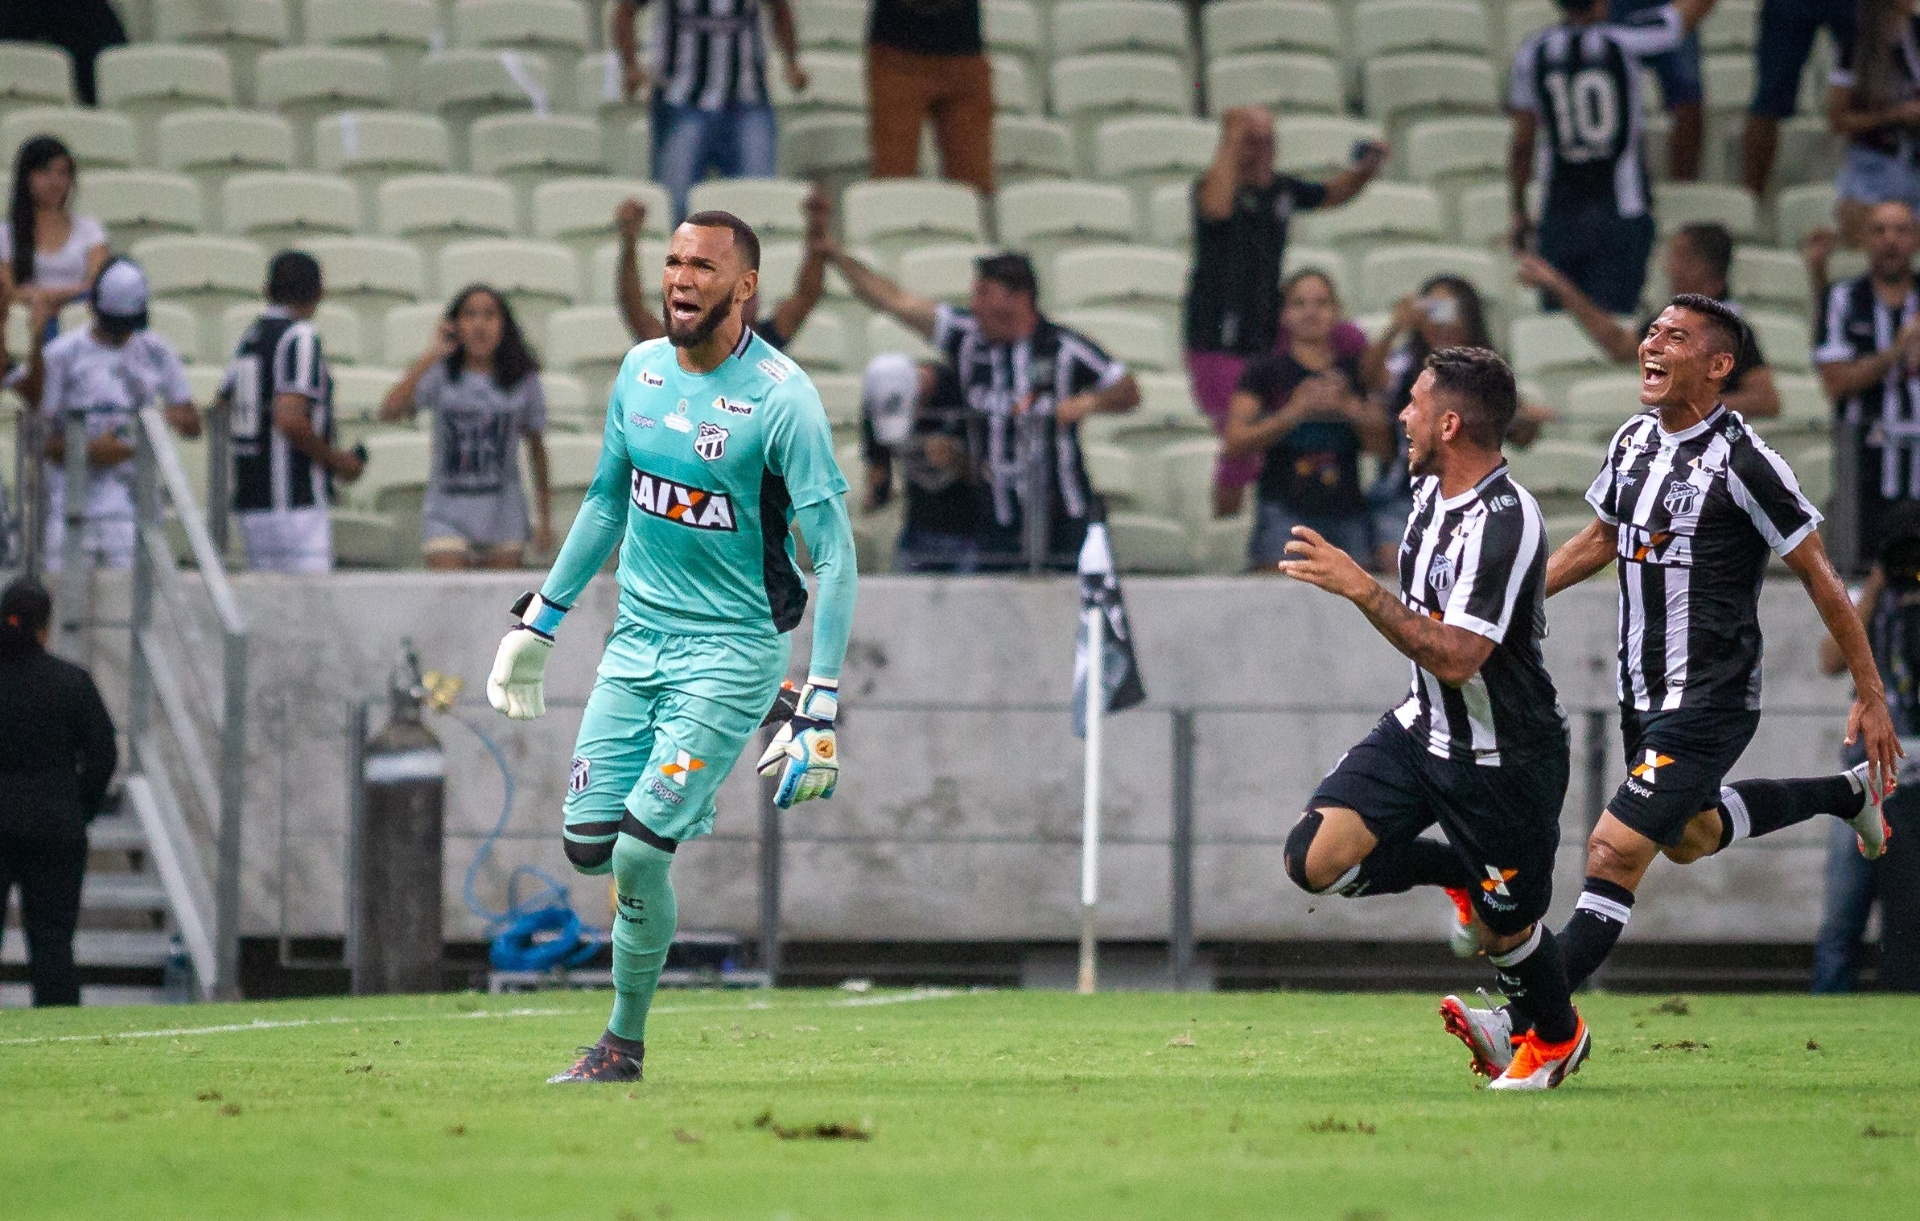 eea9a6c813 Santos acerta contratação de goleiro Everson por R  4 milhões - Esporte -  BOL